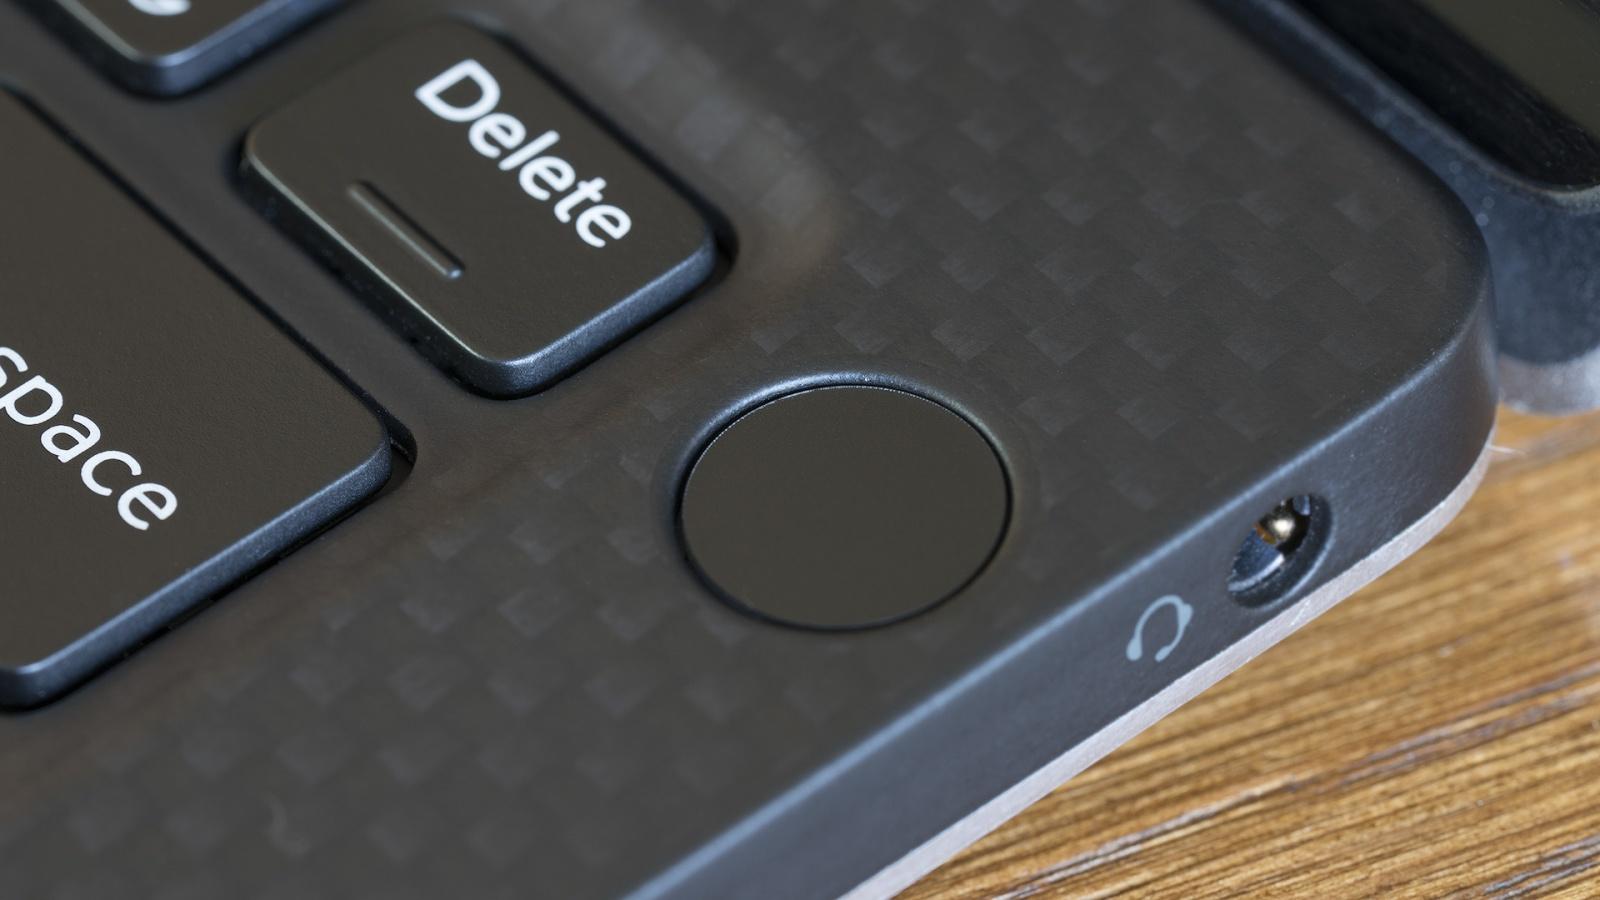 Обзор ноутбука Dell XPS 13 9370: лёгкий, красивый, быстрый - 11